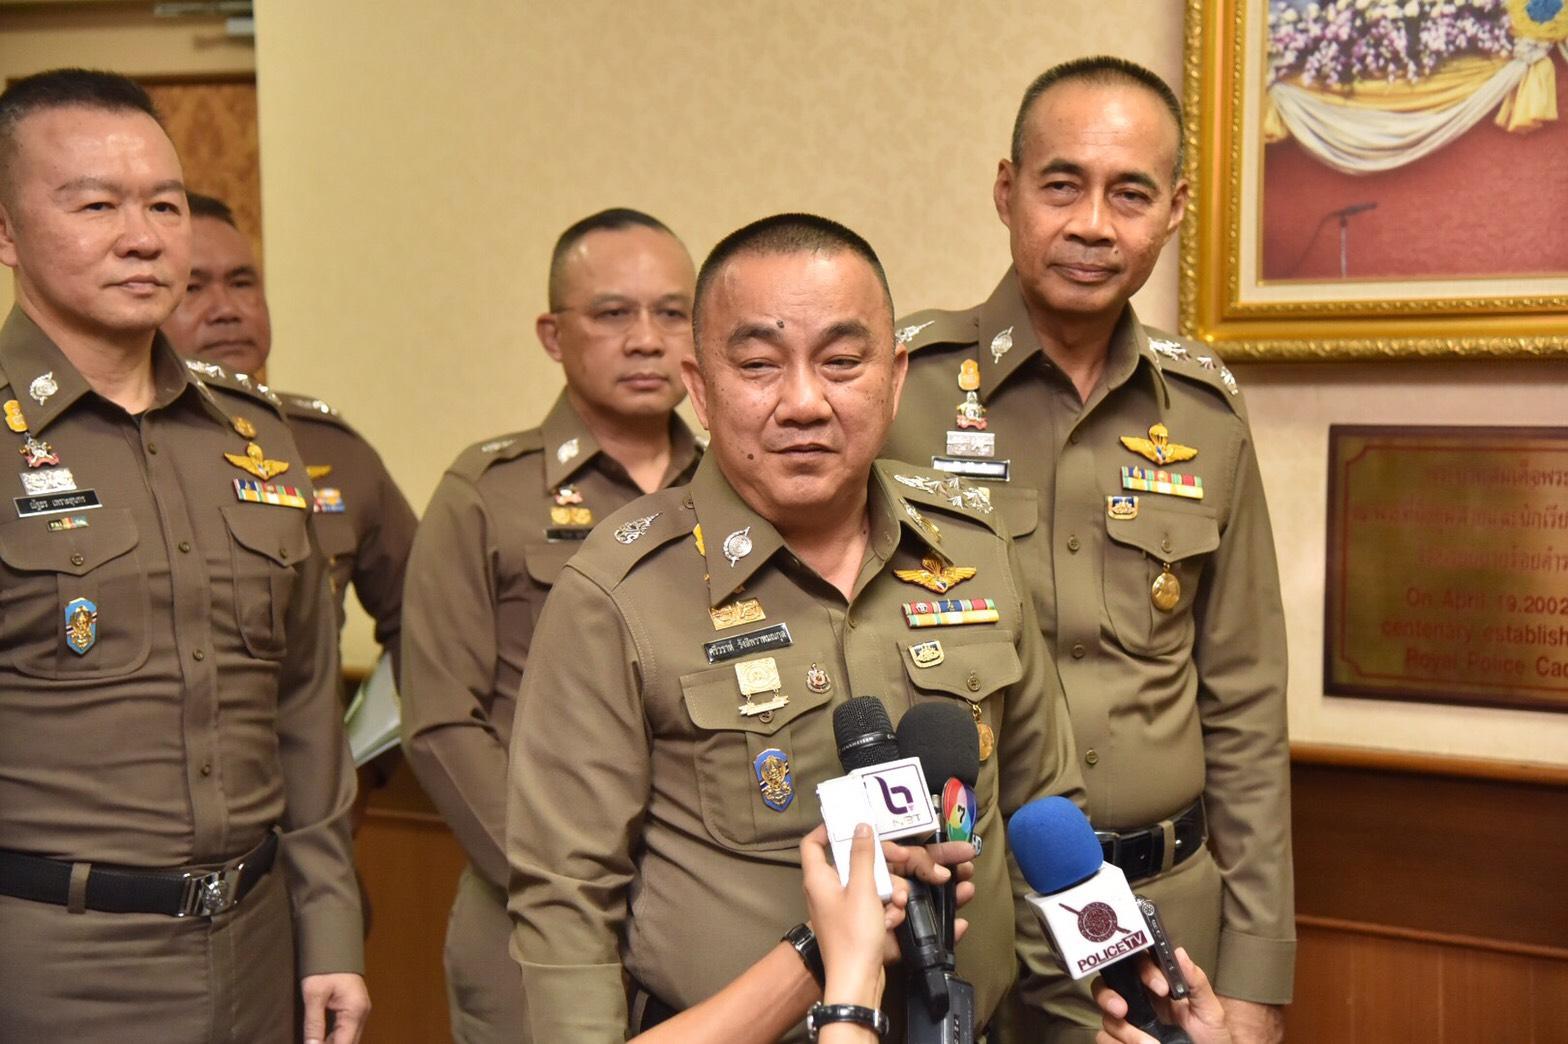 พลตำรวจเอกศรีวราห์ รังสิพราหมณกุล